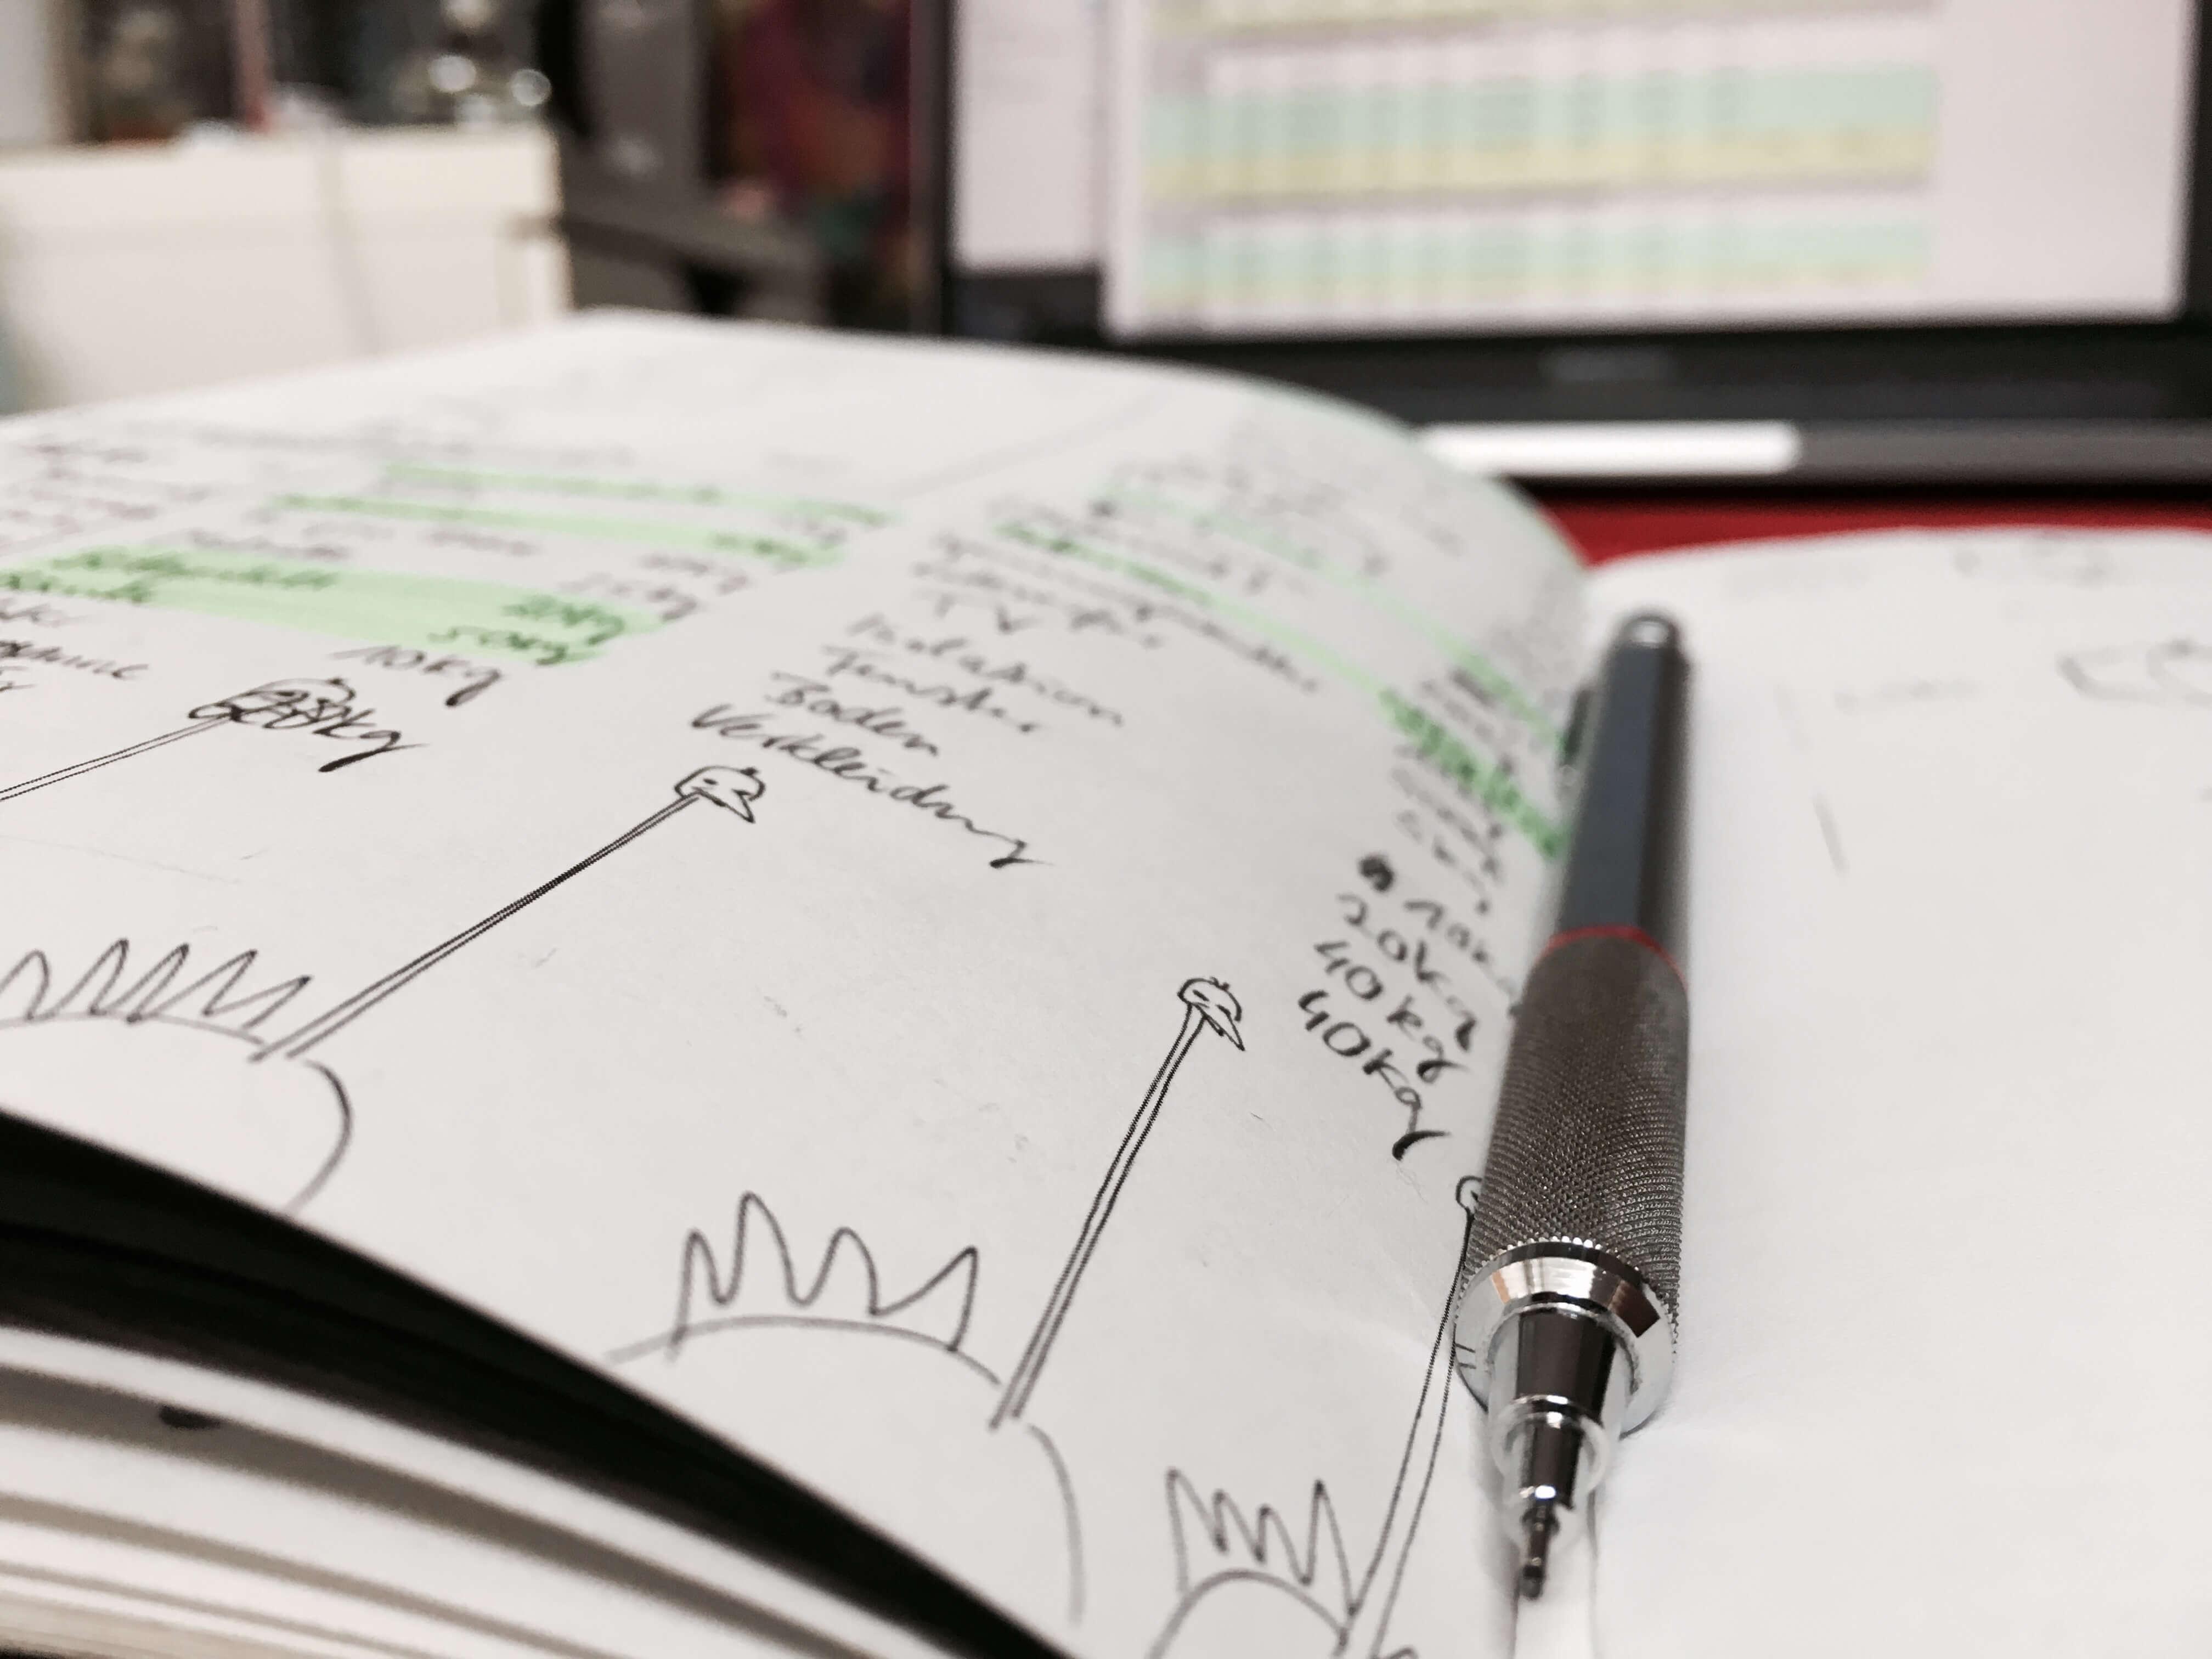 Aufzeichnungen und Brainstorming